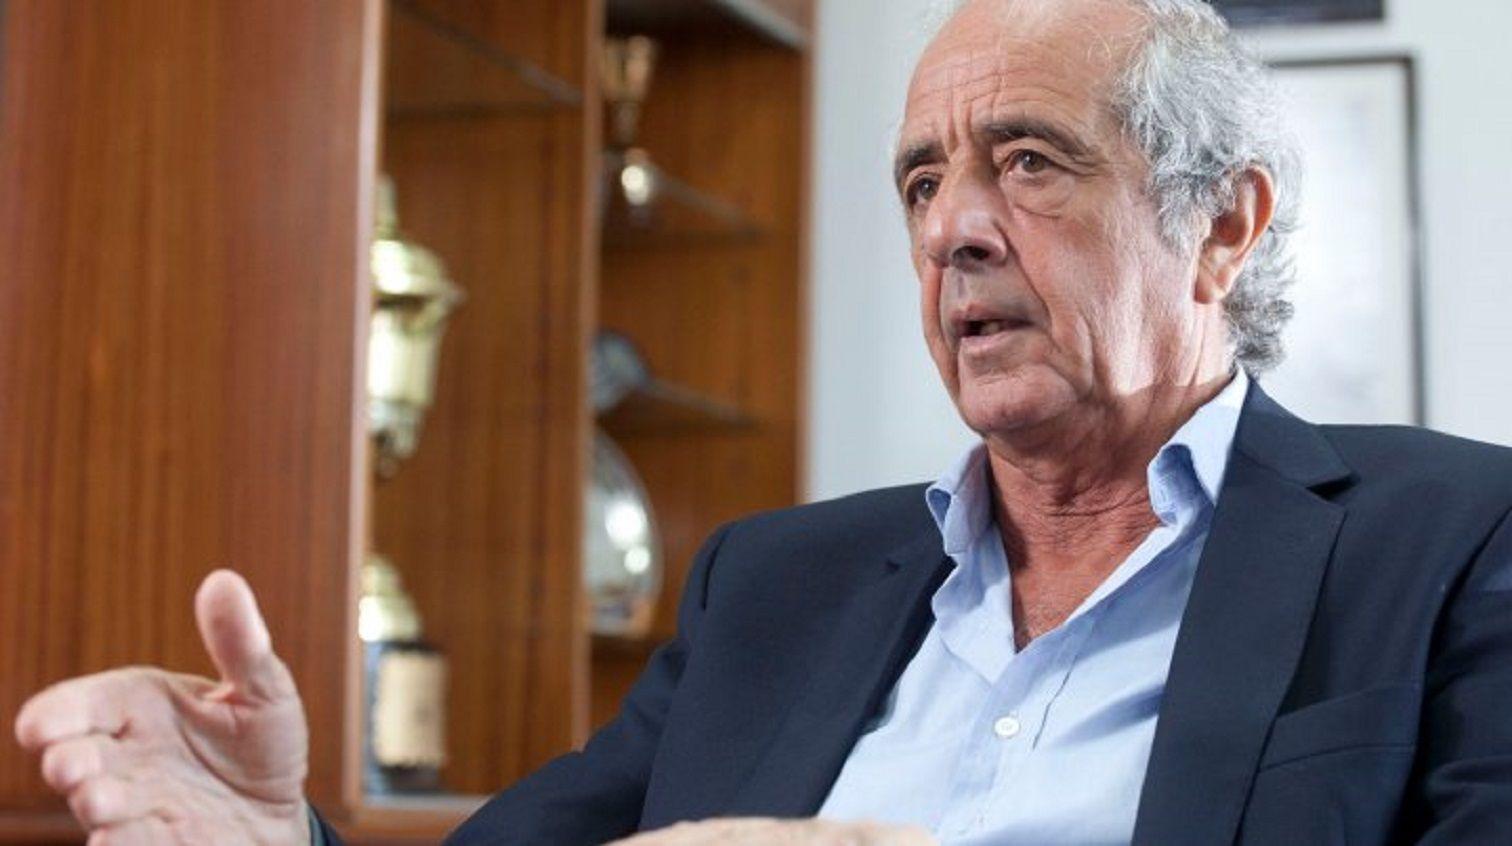 DOnofrio, sobre Aguilar: No es lindo ver a nadie en una situación como la que está viviendo